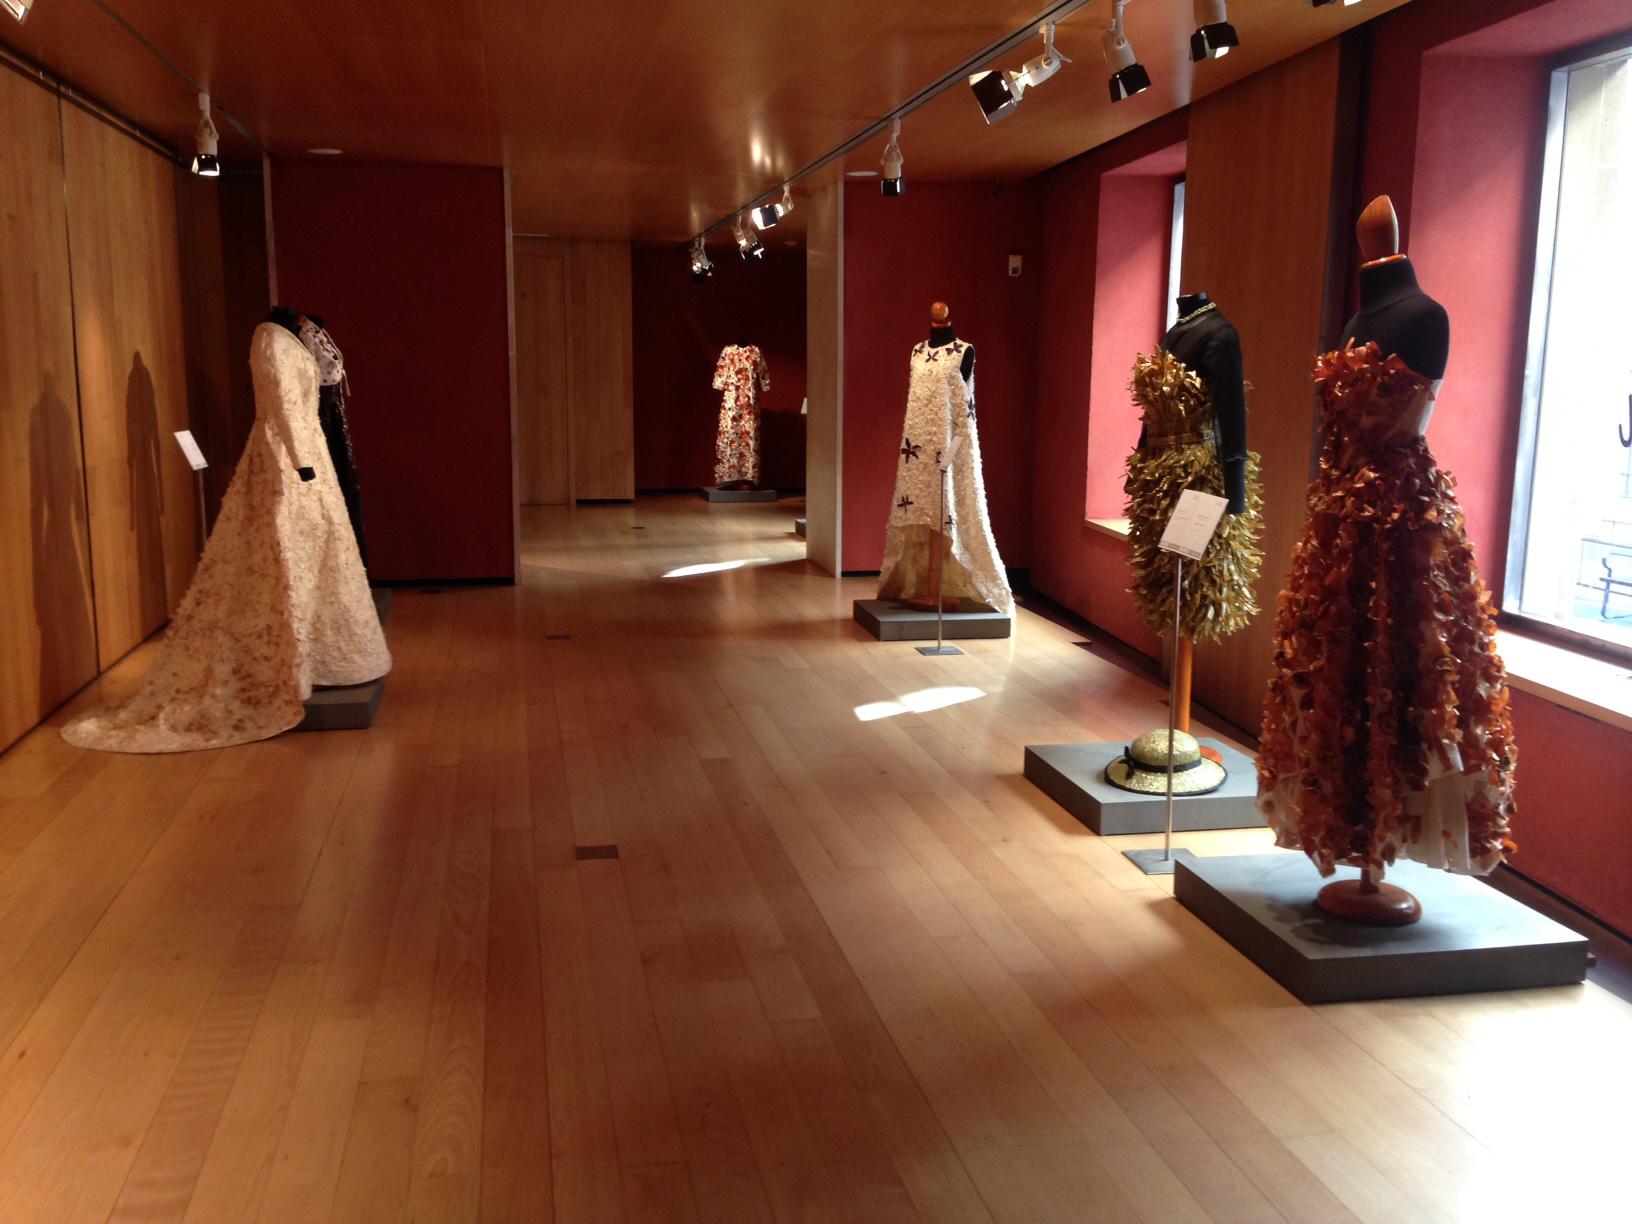 El Museo Nacional del Traje expondrá trajes con verduras de la Huerta de Calahorra.